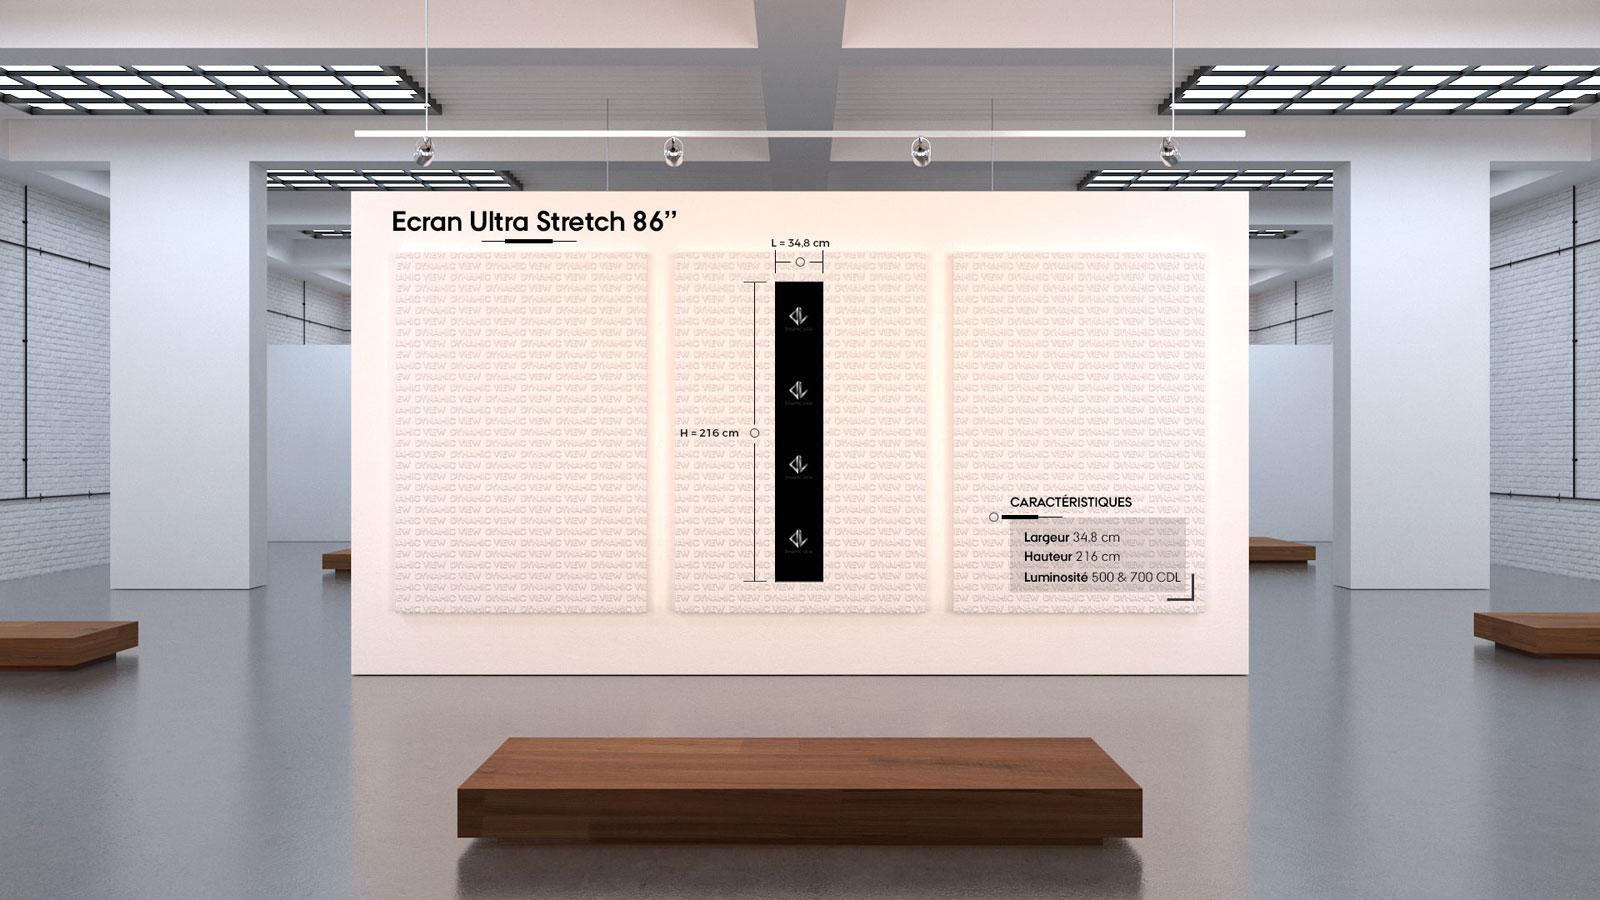 12 Ecran Ultra Stretch 86''